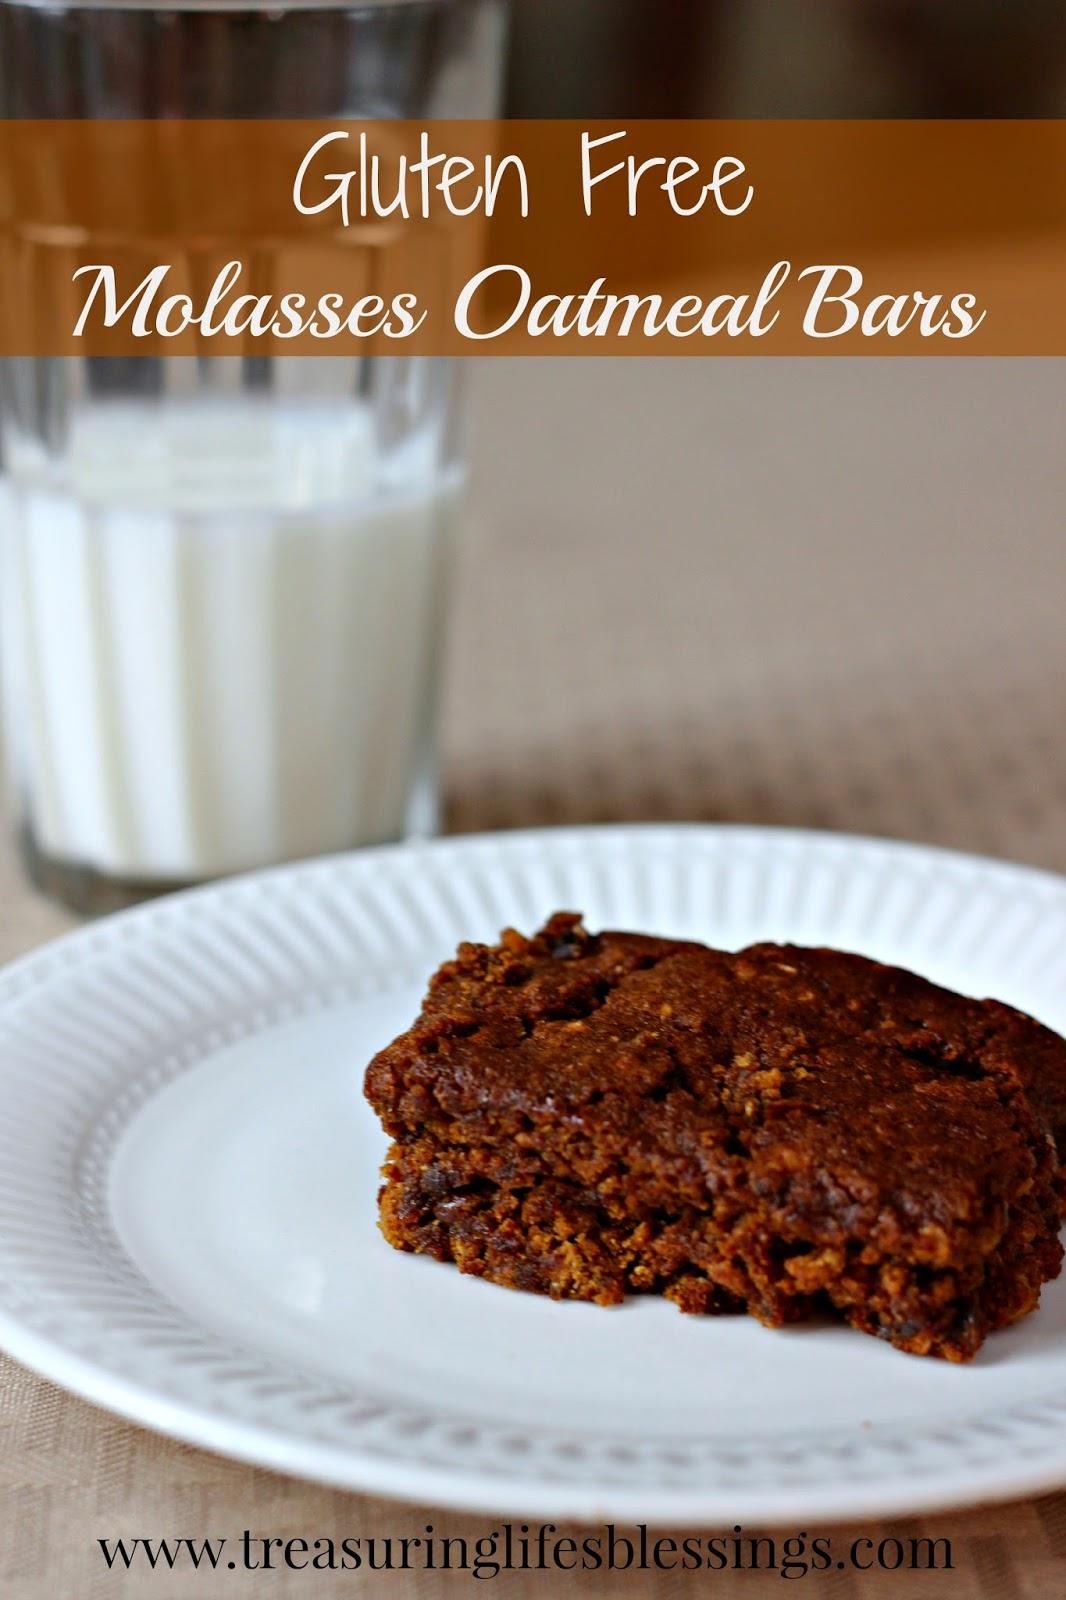 Gluten Free Molasses Oatmeal Bars